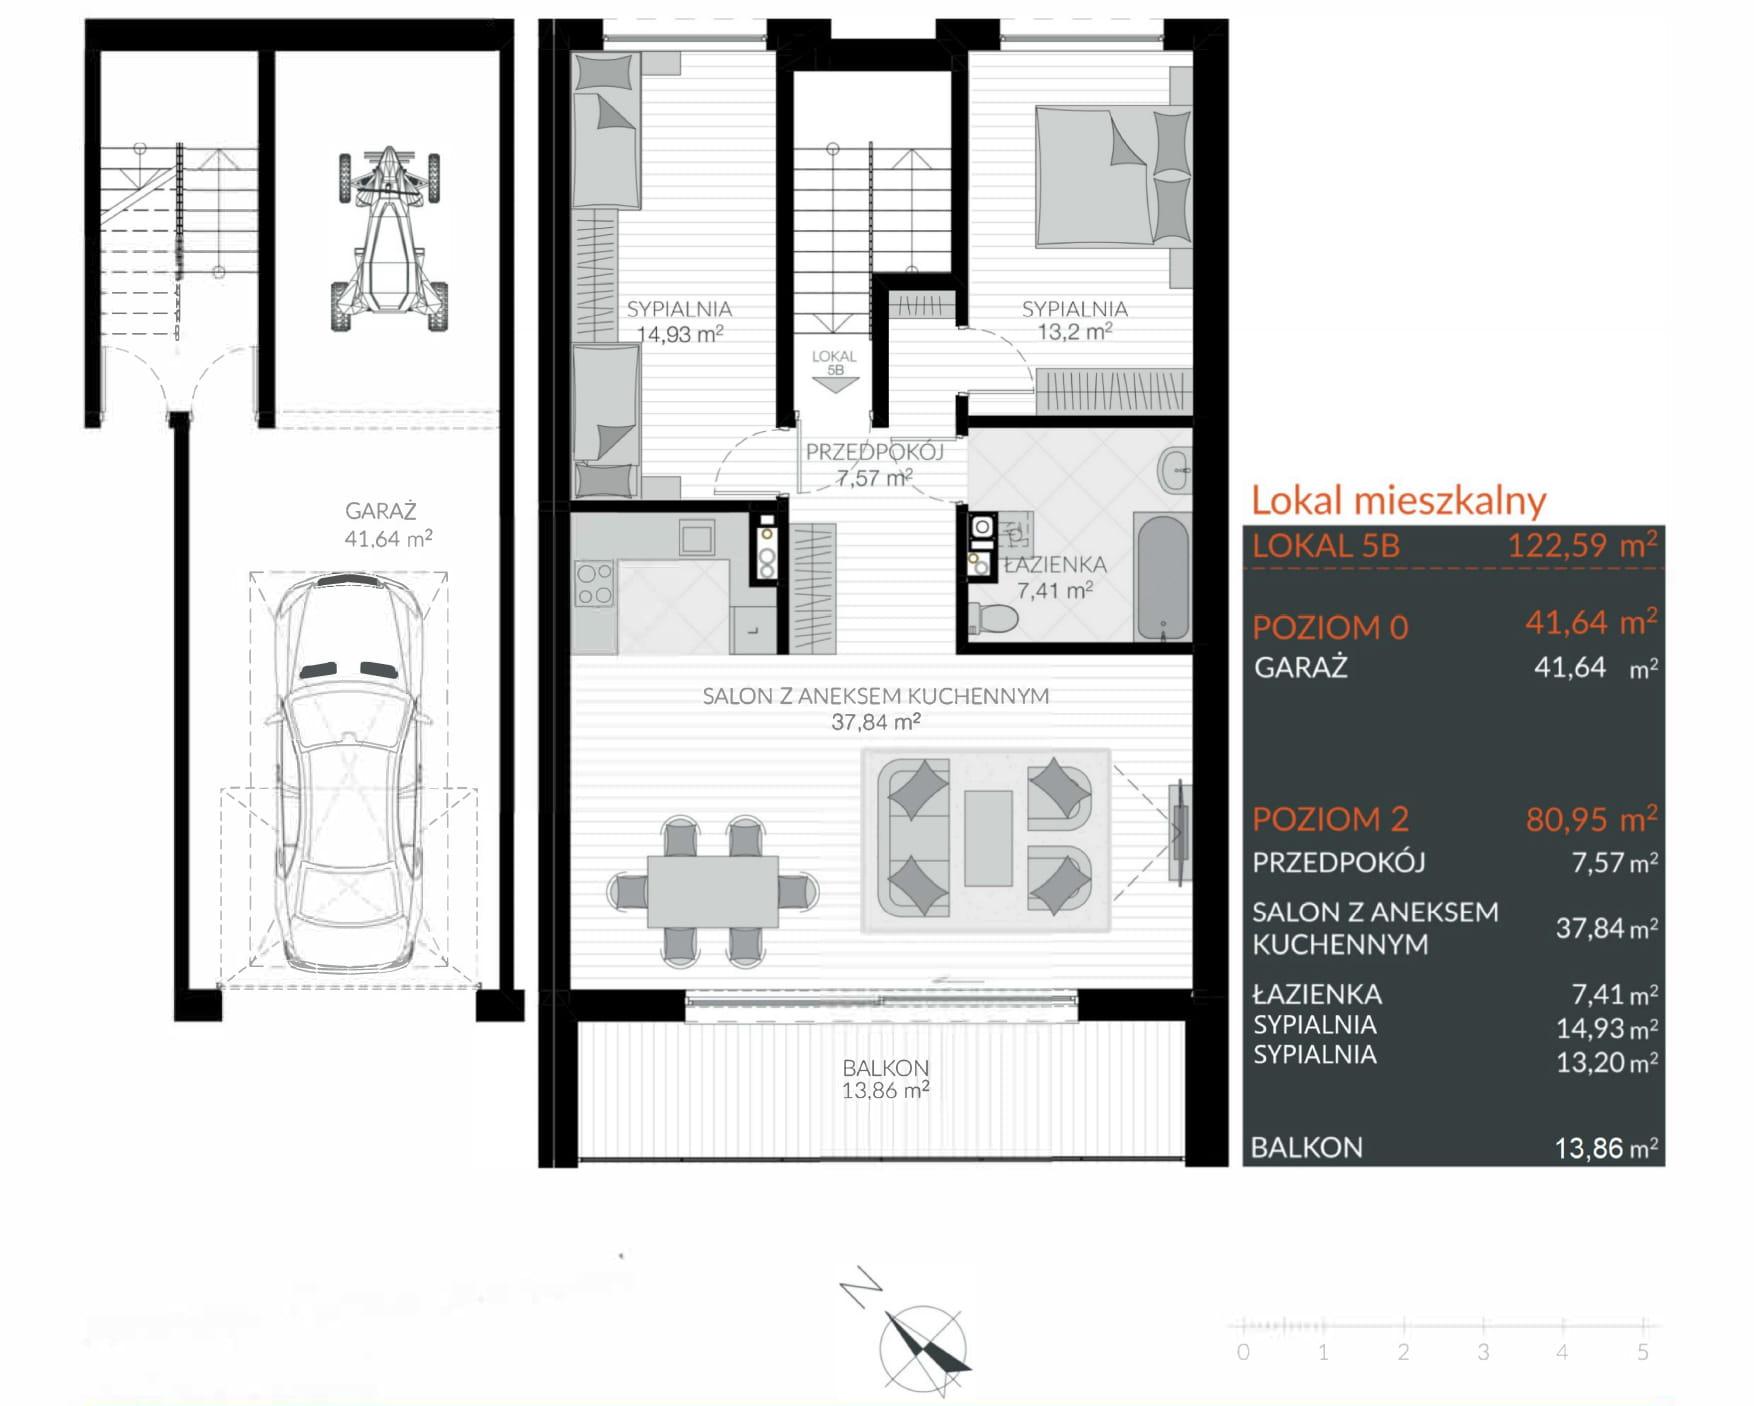 Apartamenty Kamienna / apartamenty inwestycyjne 5B rzut 1